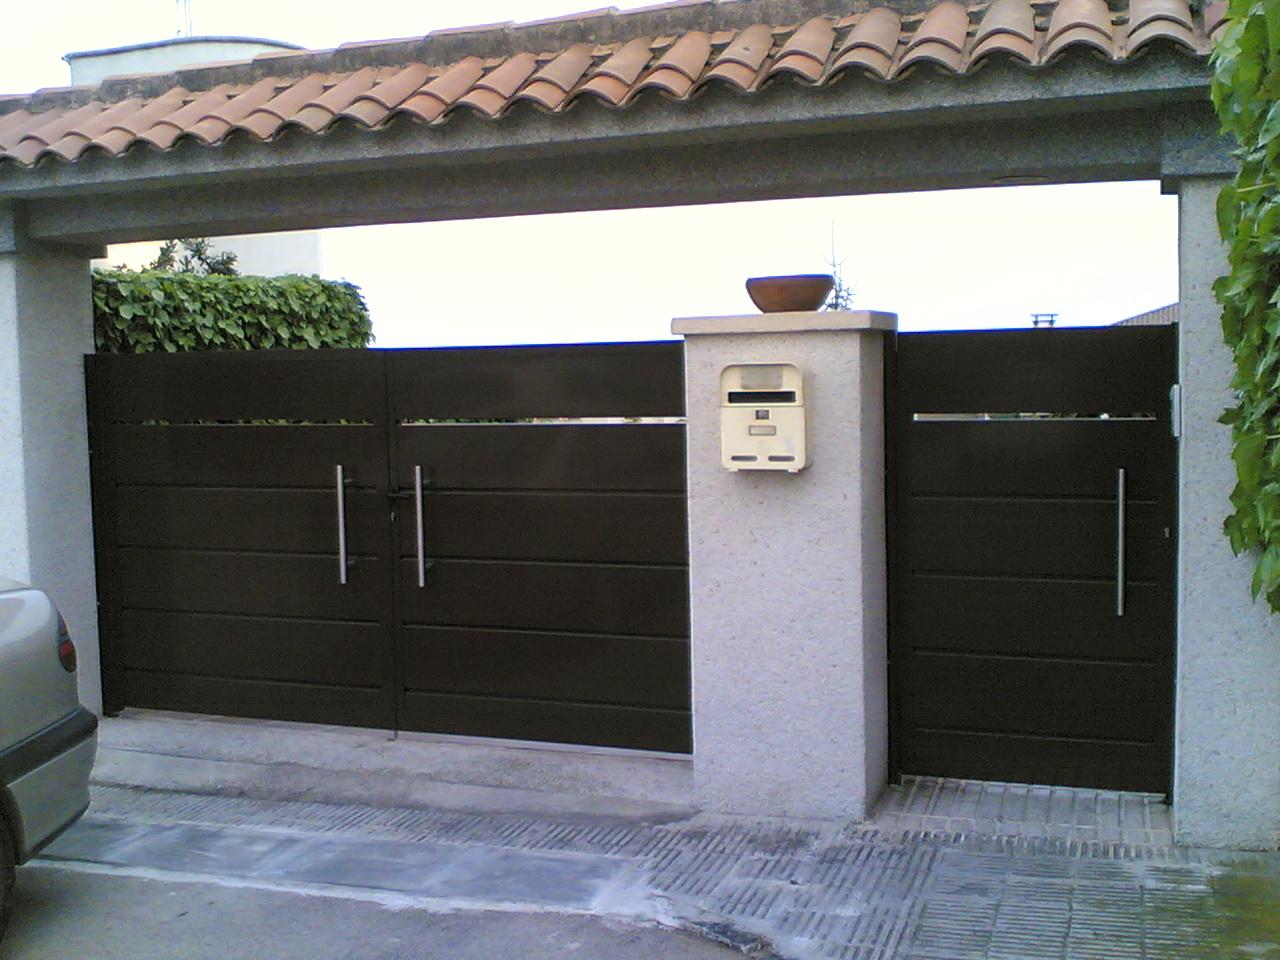 Avila puertas cierres met licos avila s l calafell - Puertas de metalicas ...